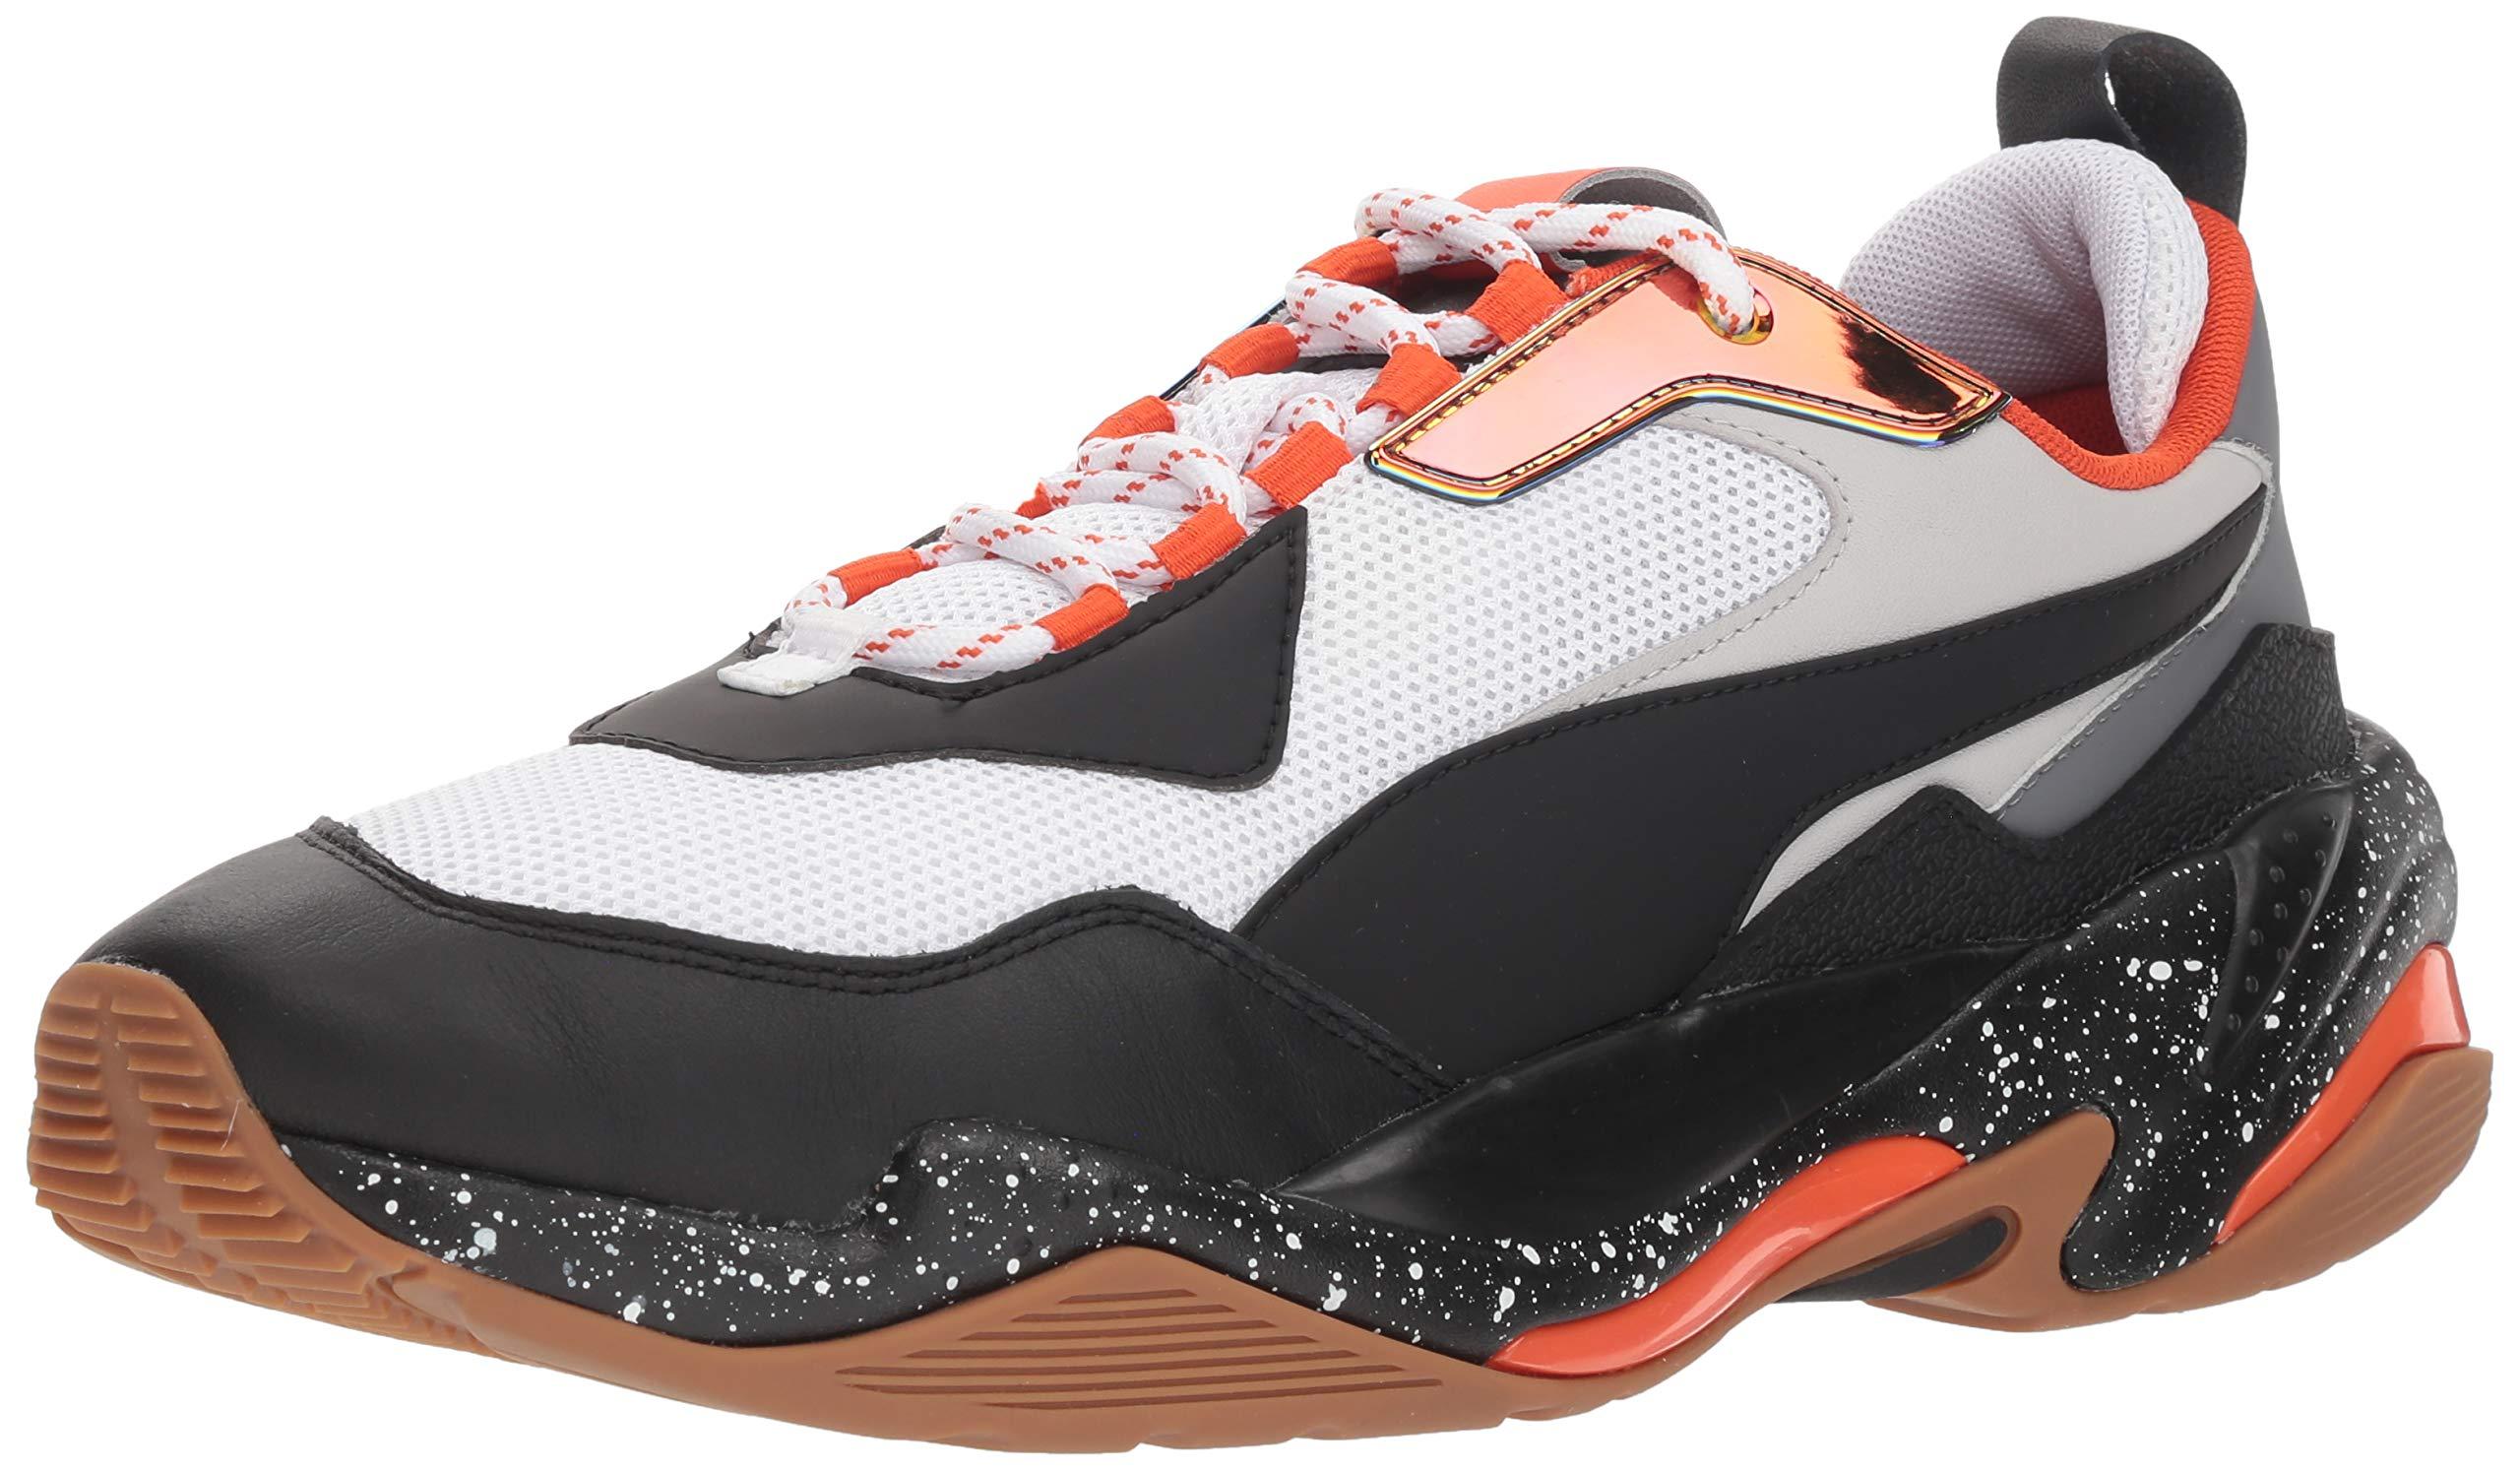 PUMAメンズサンダーデザートカジュアルスポーツシューズ/トレンドの古い靴